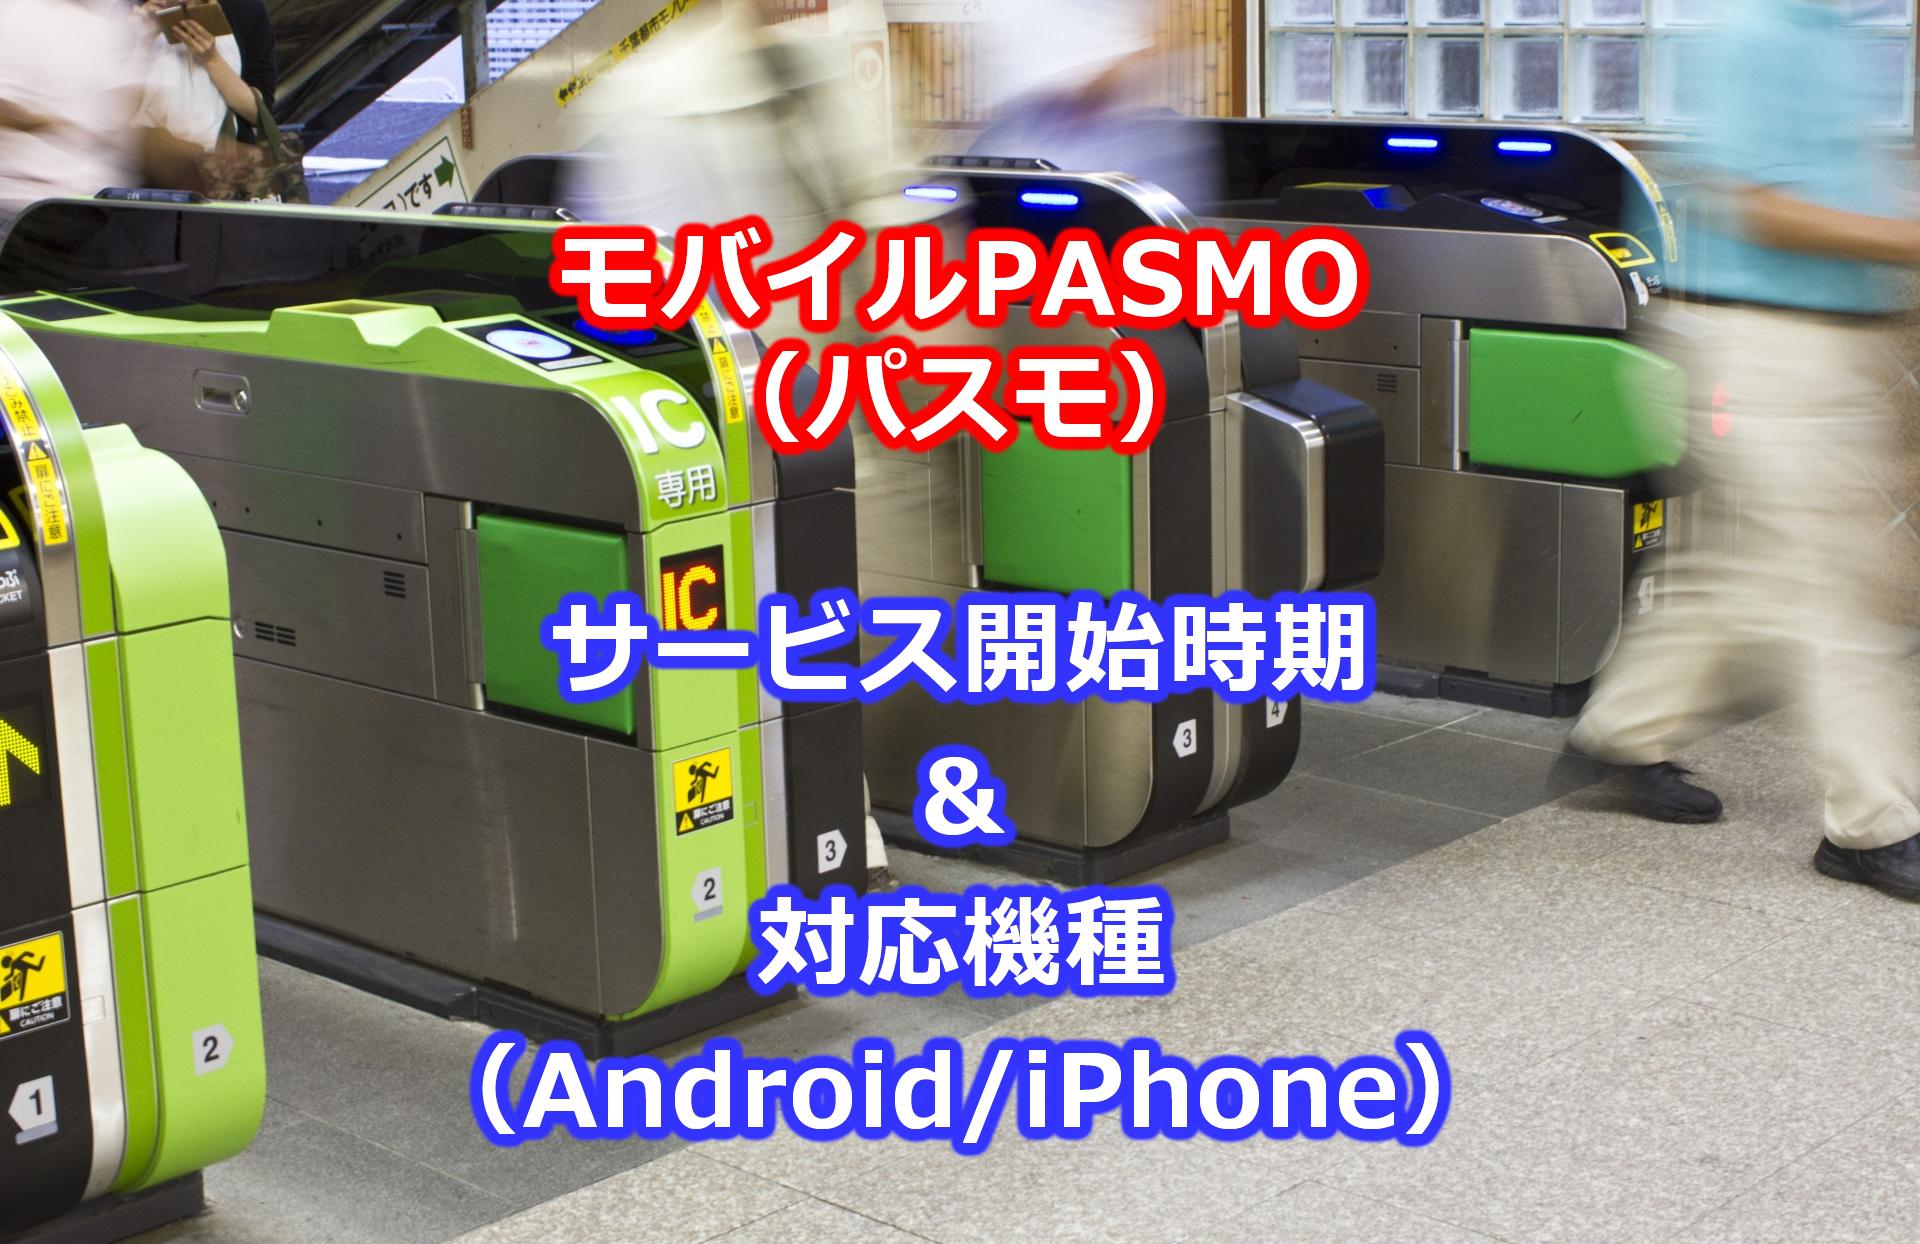 モバイルPASMO(パスモ)アプリのサービス開始時期と対応機種(Android/iPhone)